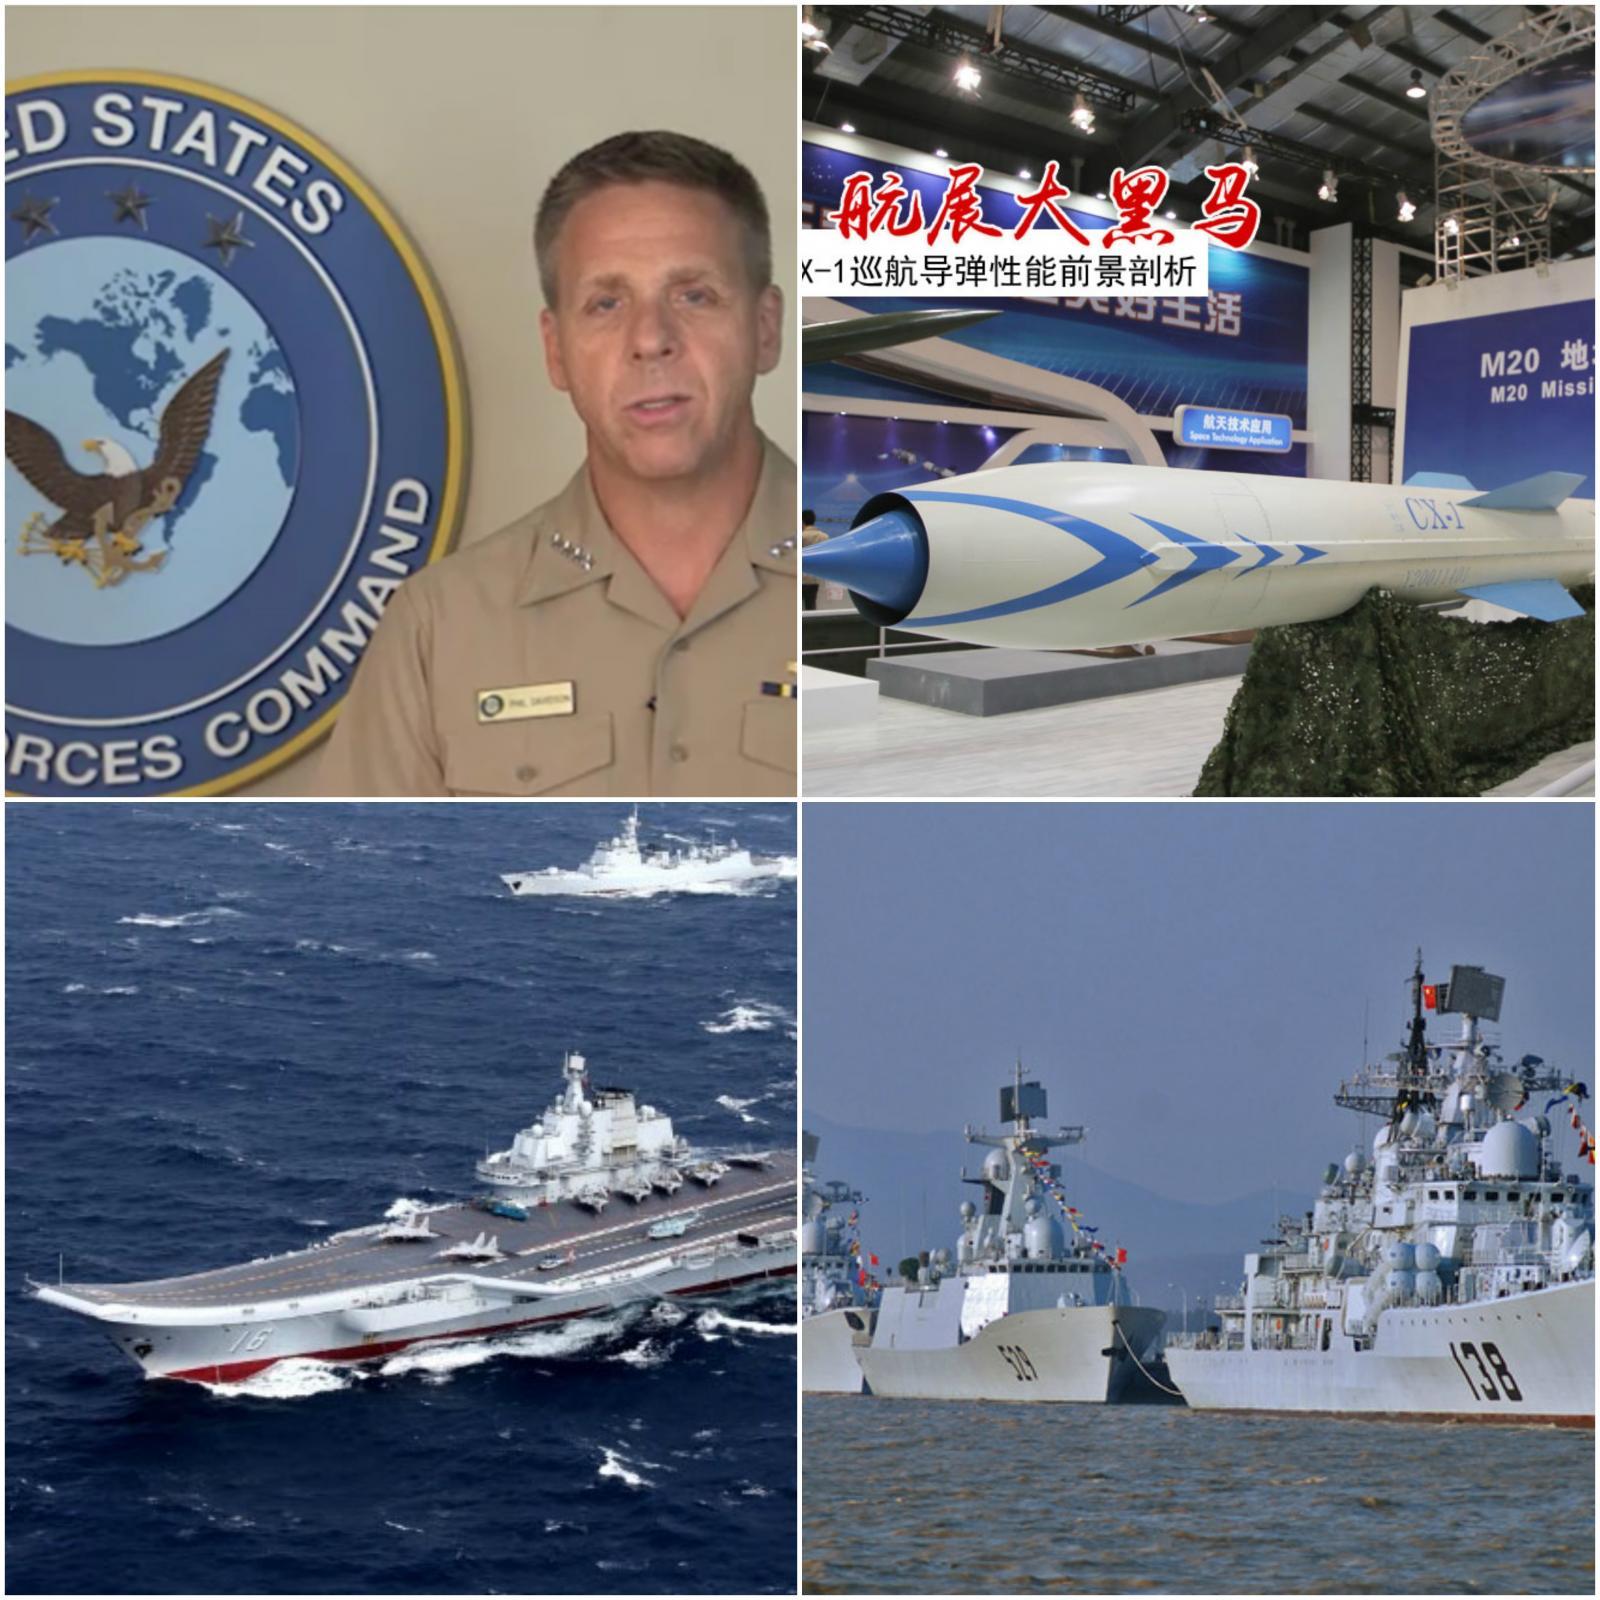 Kitajsko južno morje in admiral Davidson